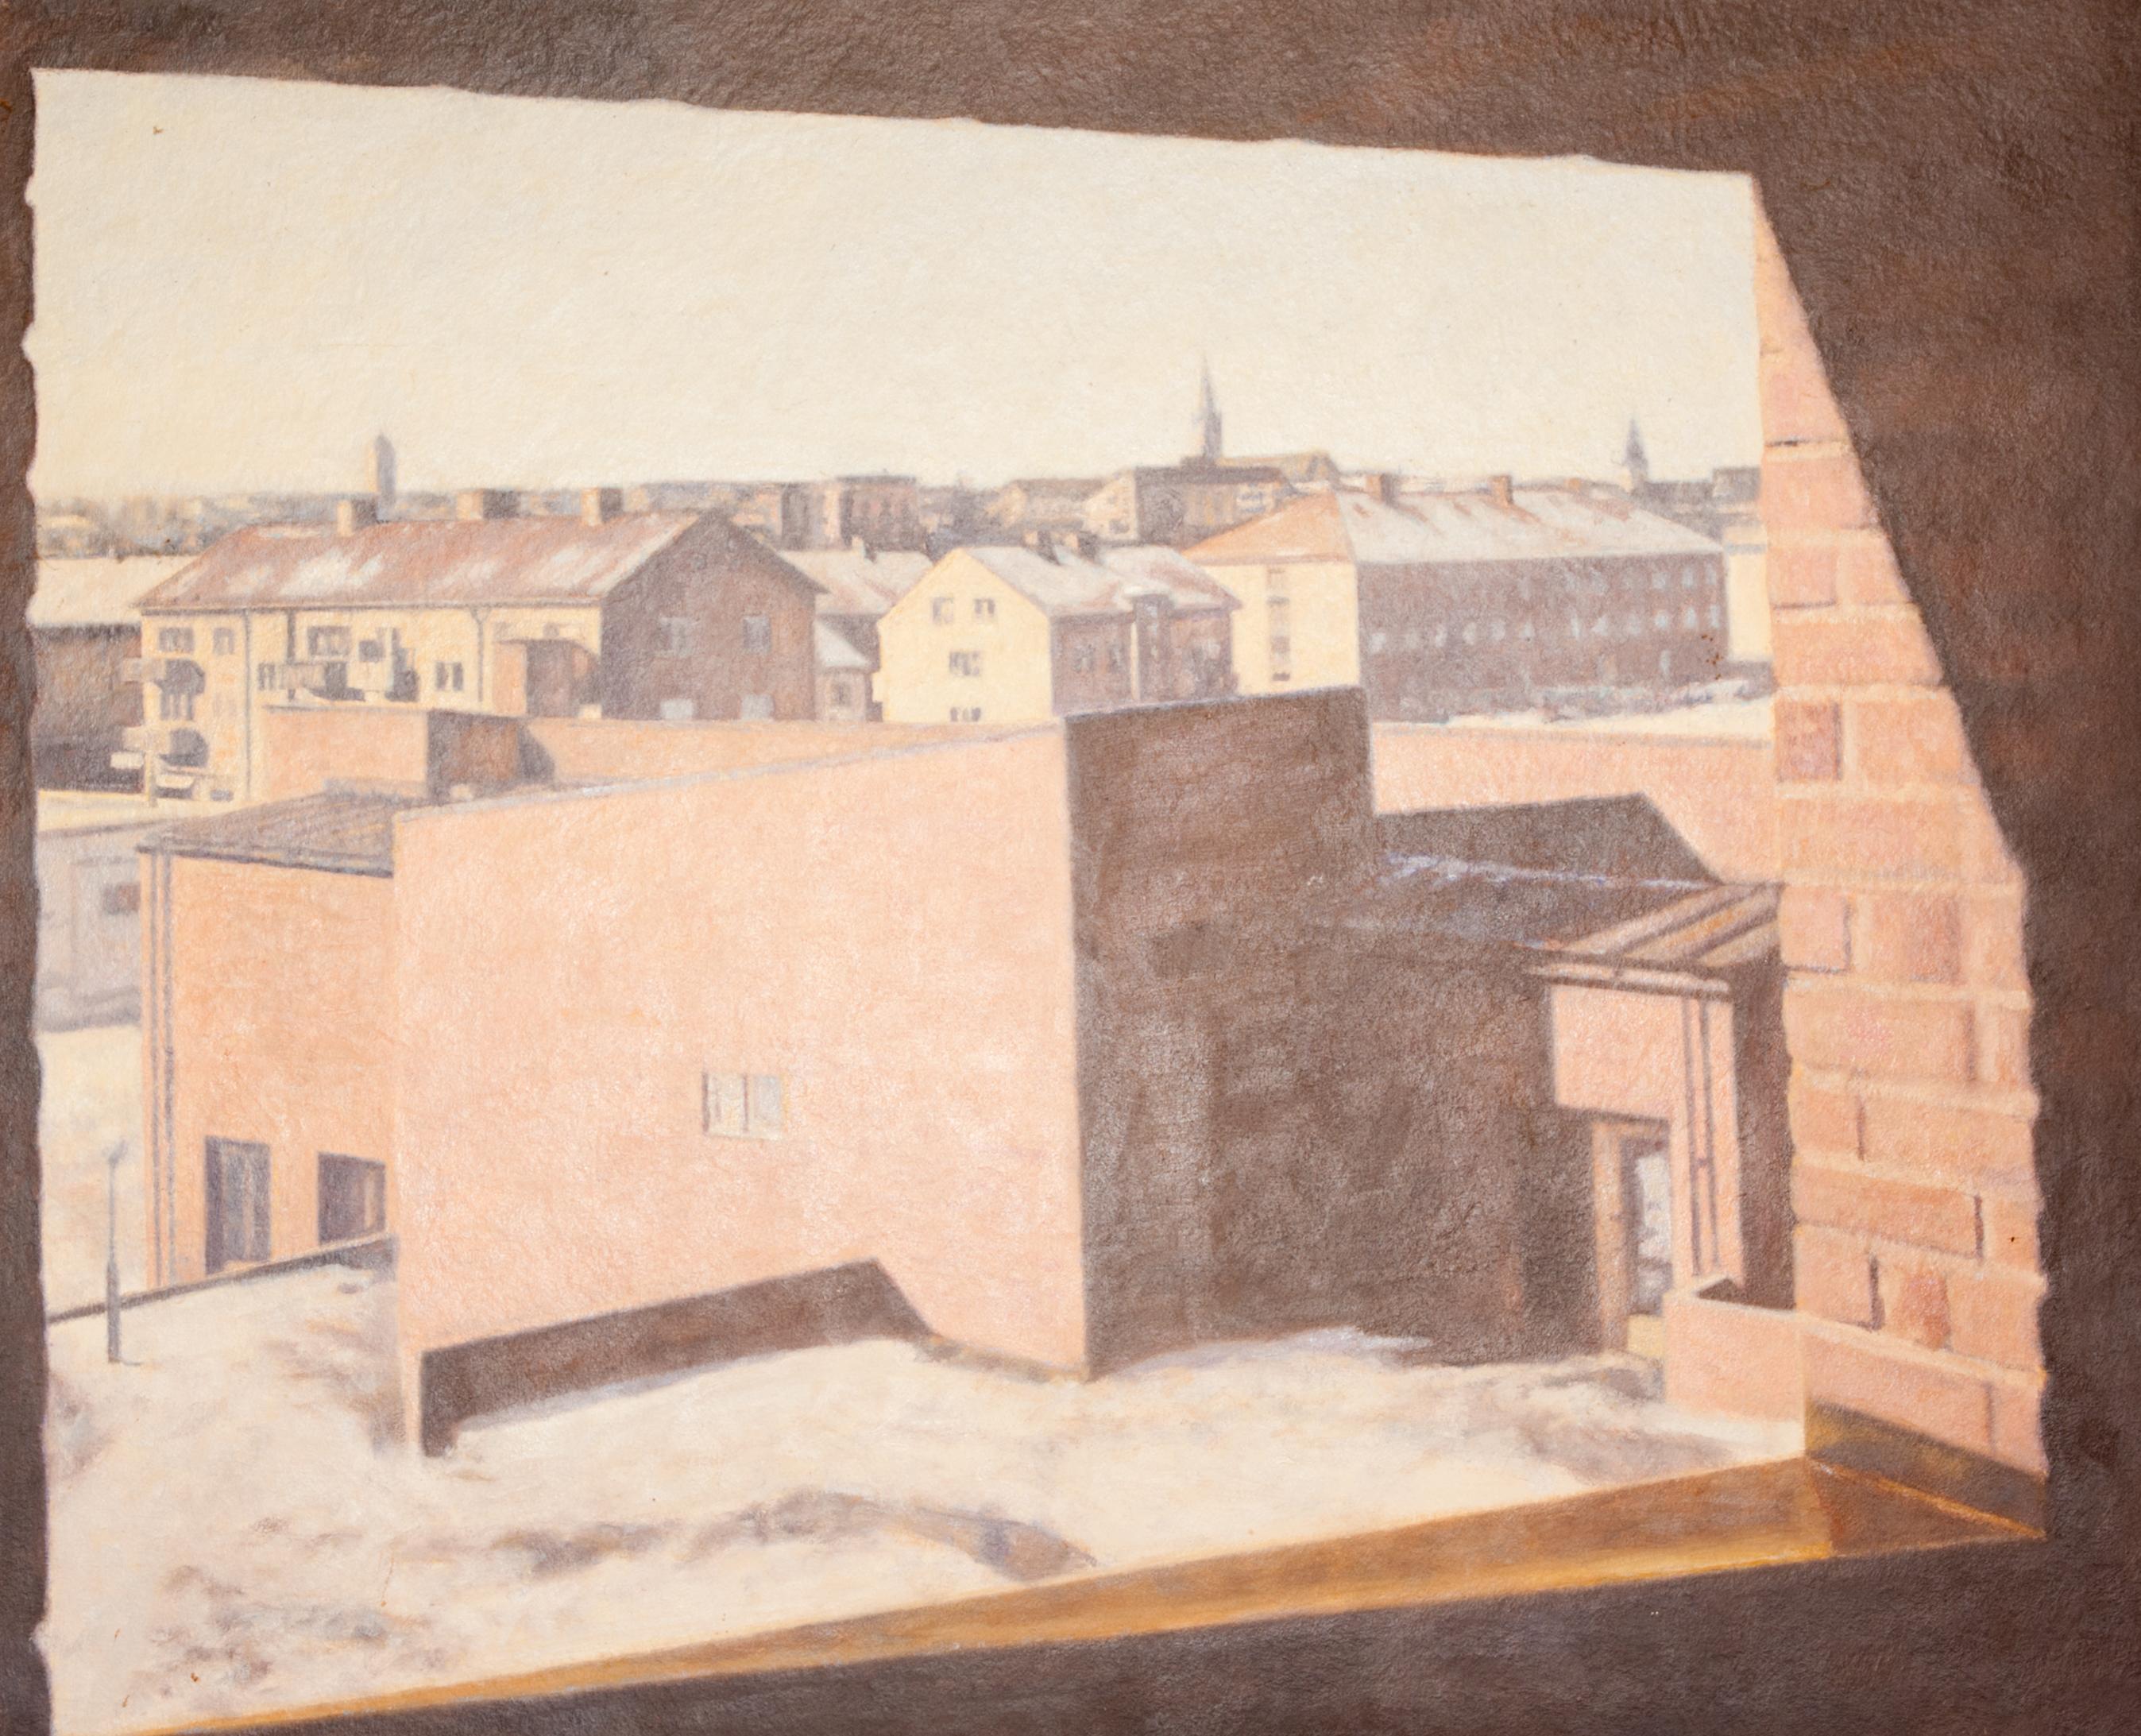 Utsikt från Tannefors kyrkan - Klicka för att byta till perspektivbild.